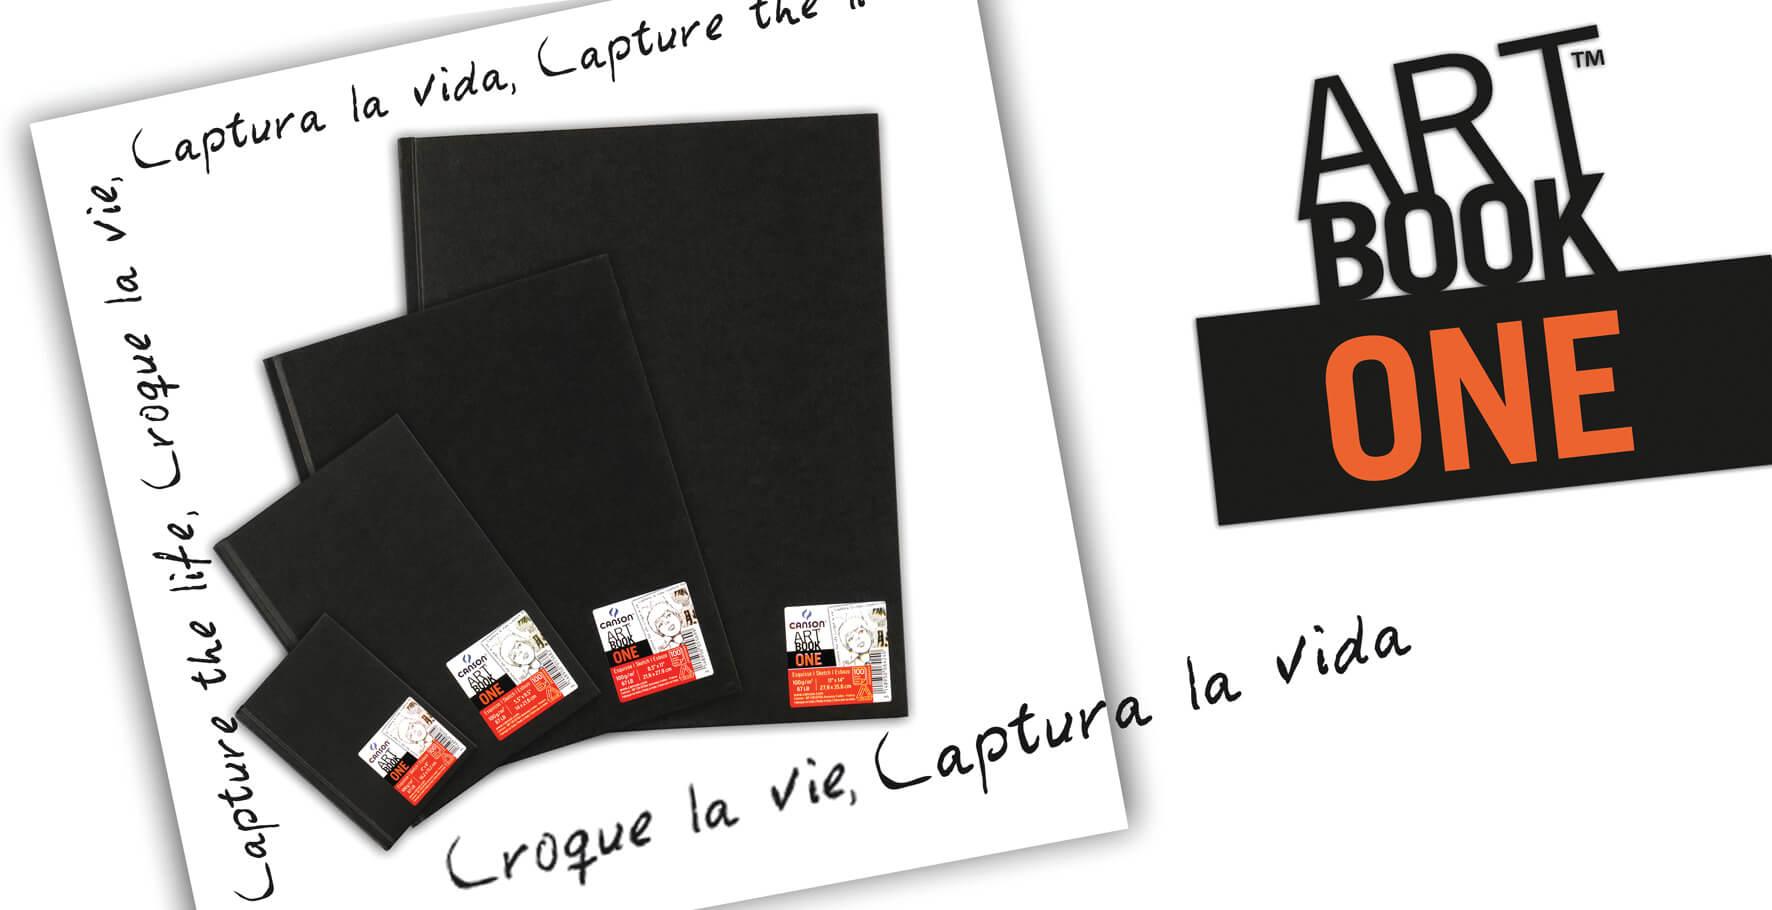 ART BOOK ONE A4 ESPIRALADO